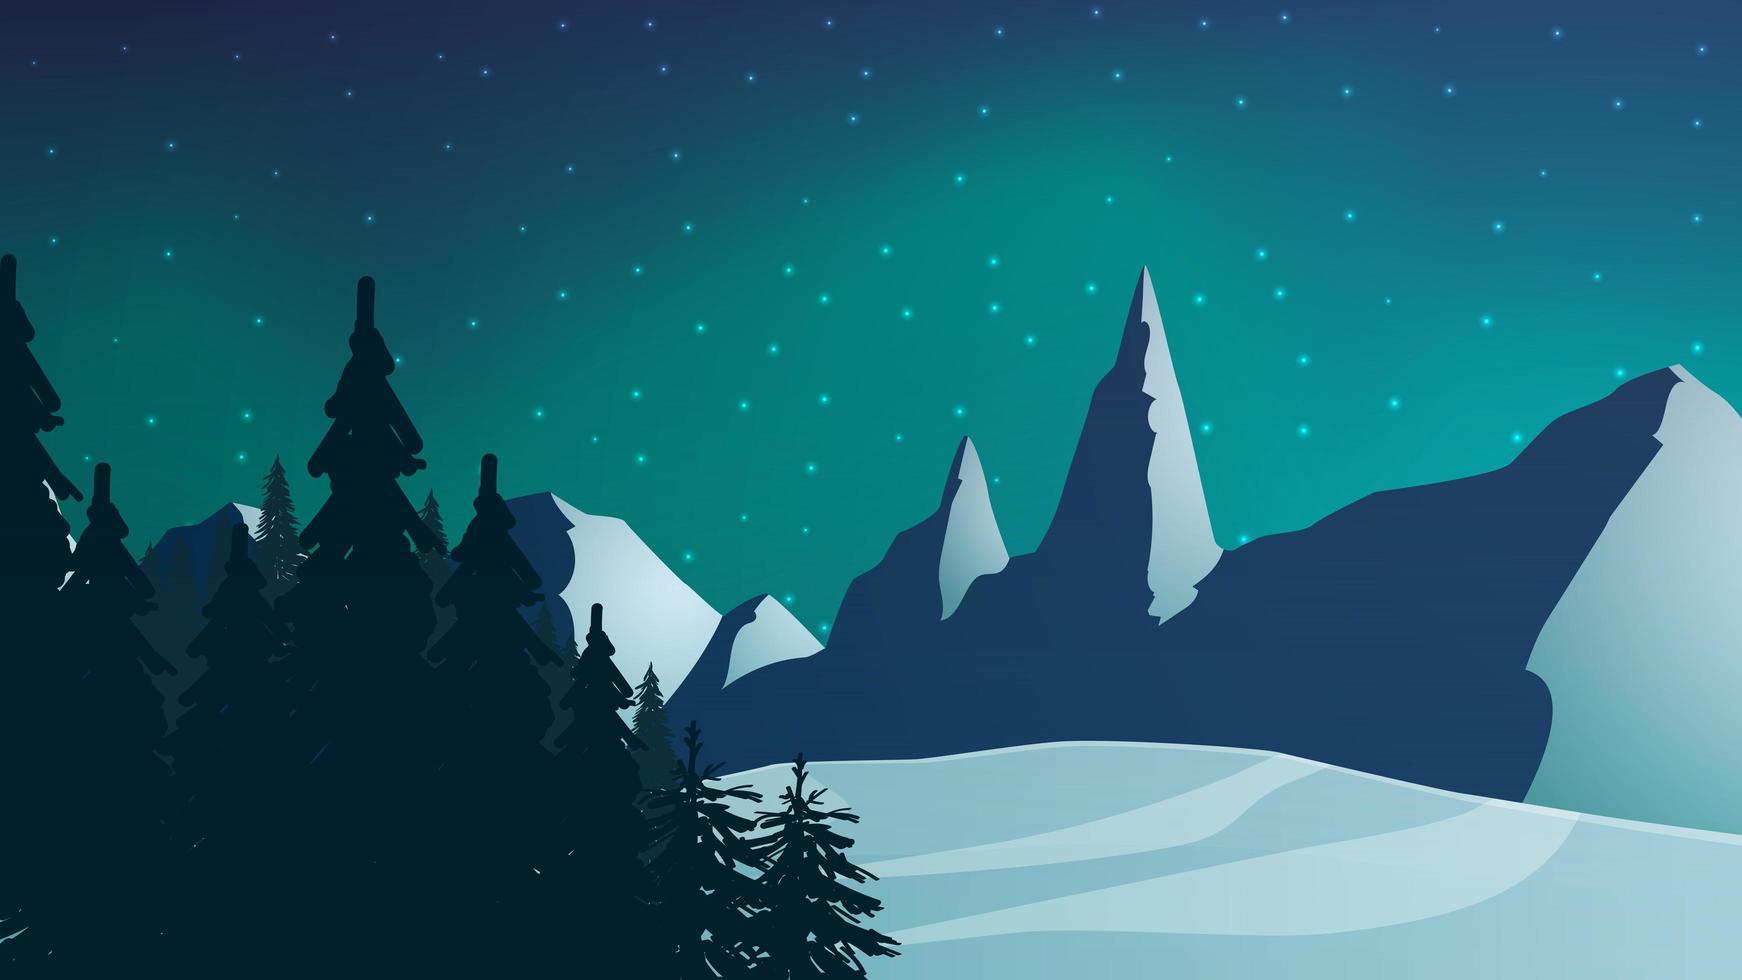 paisaje nocturno de invierno con bosque y montañas vector